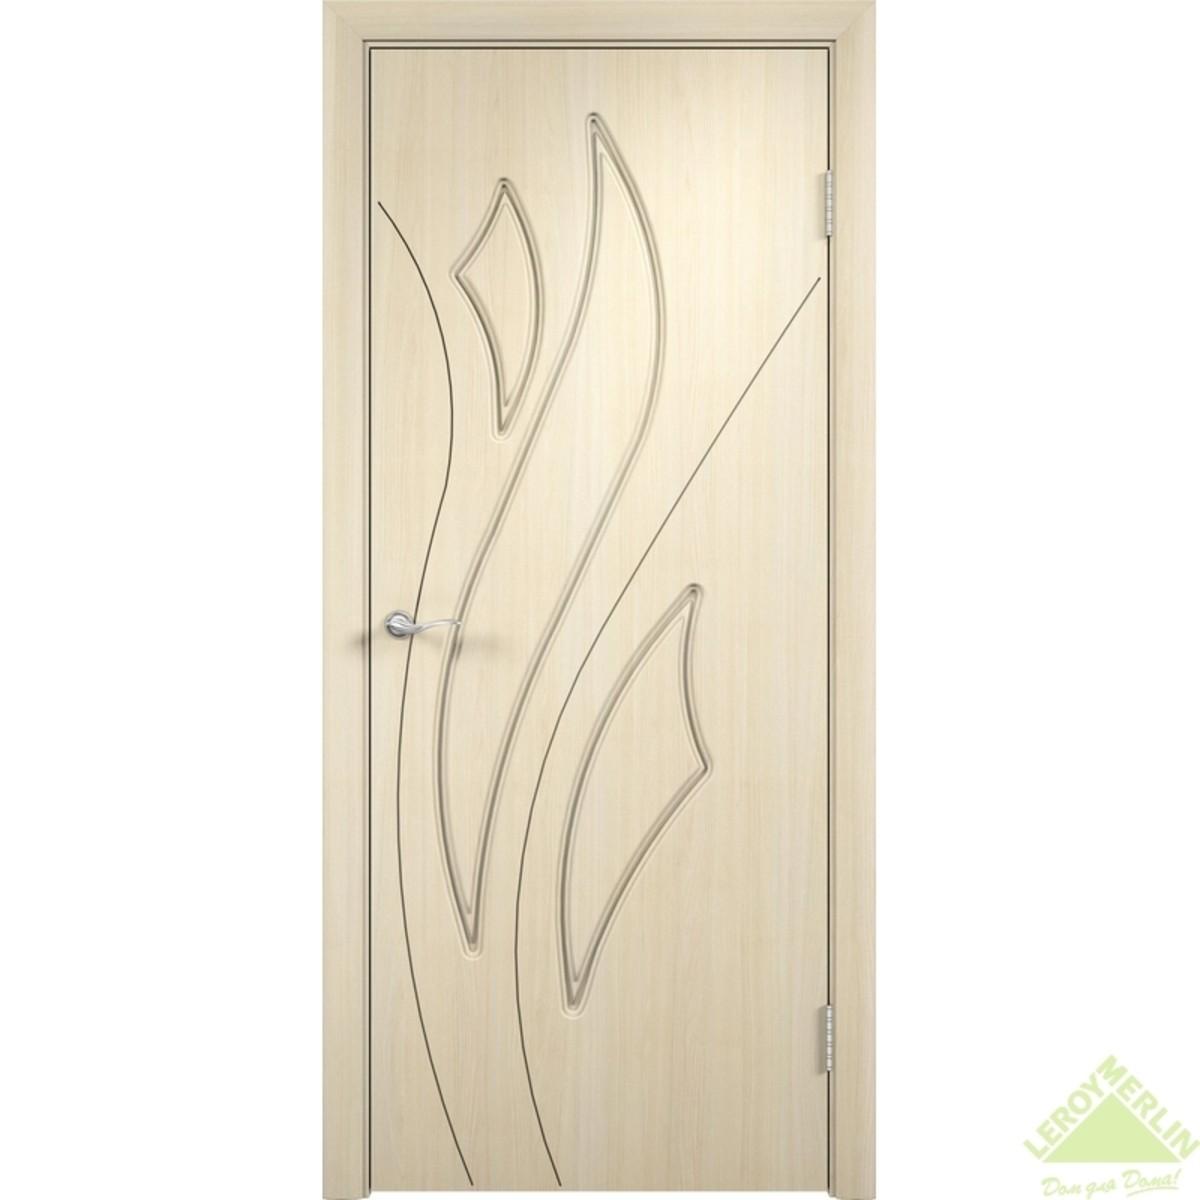 Дверное полотно глухое Латина 60x200 см ПВХ белёный дуб